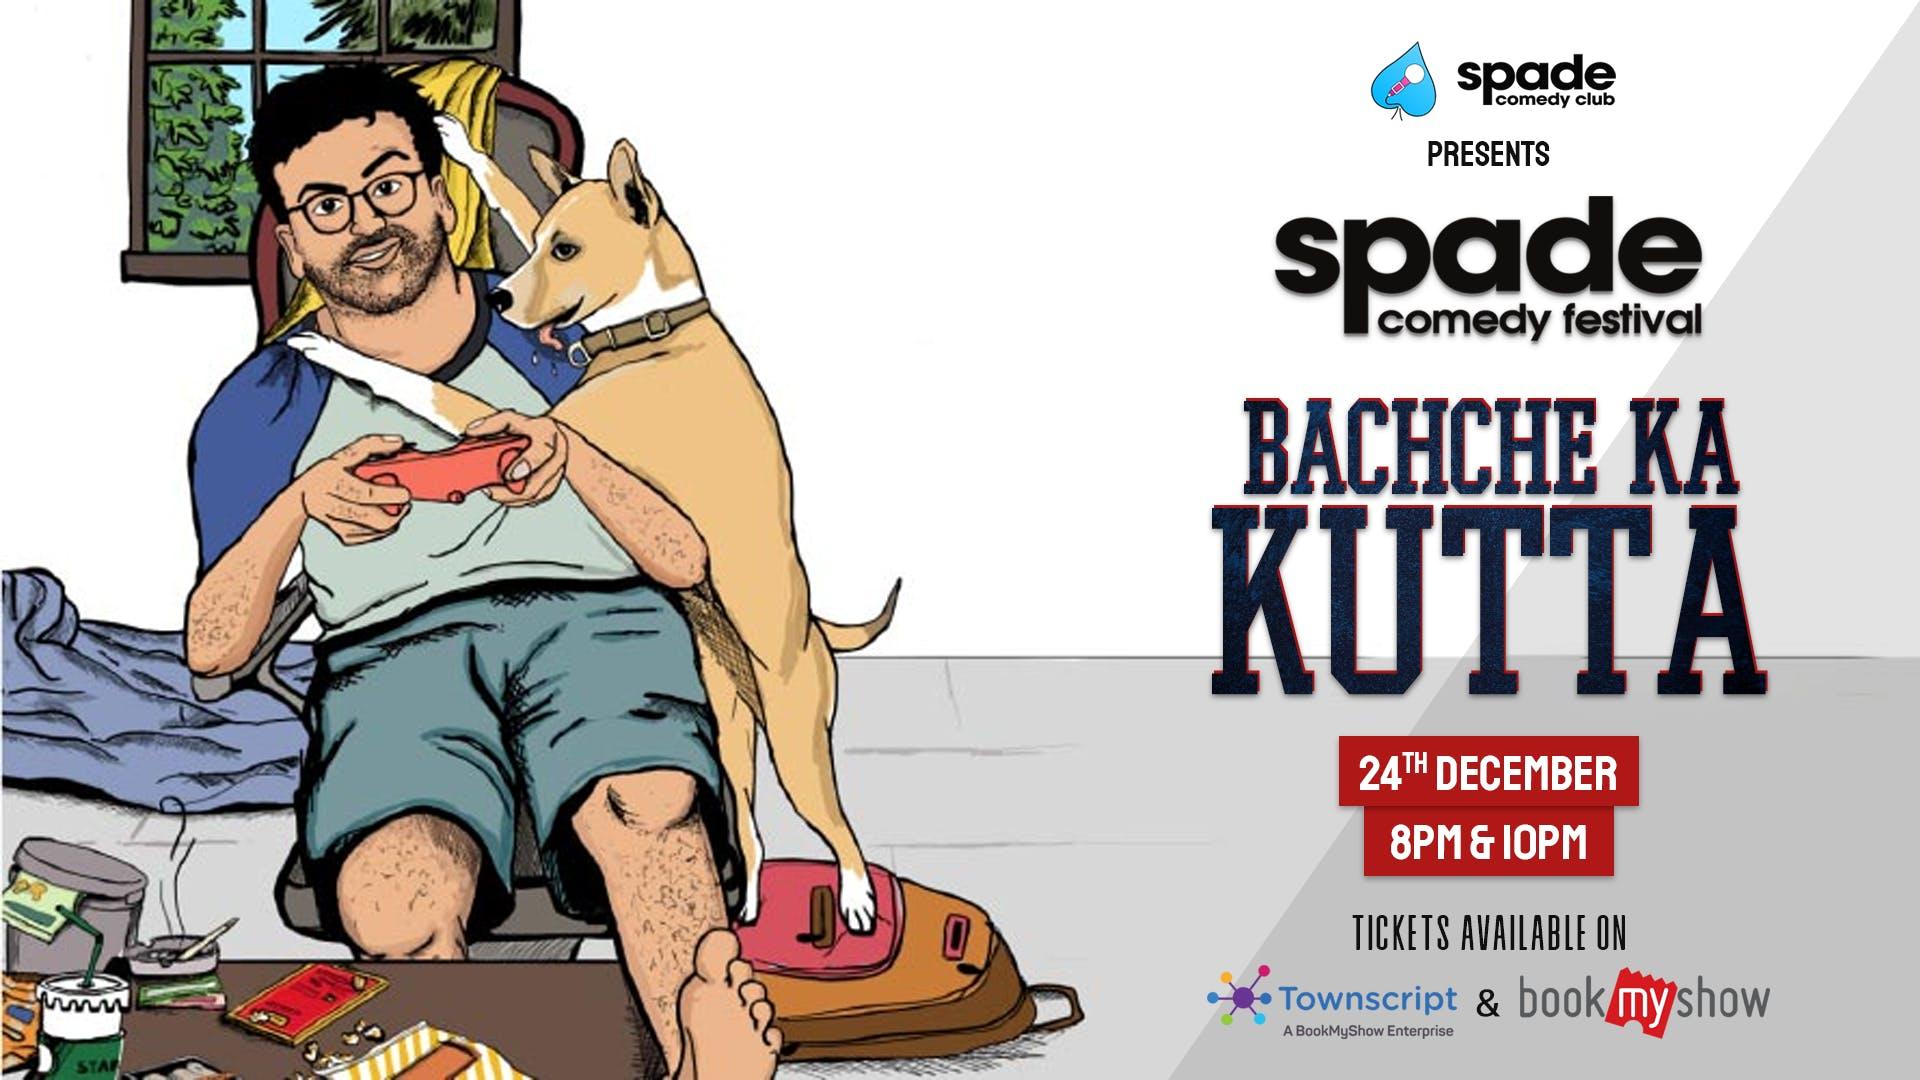 Bachche Ka Kutta by Karunesh Talwar at Spade Comedy Festival